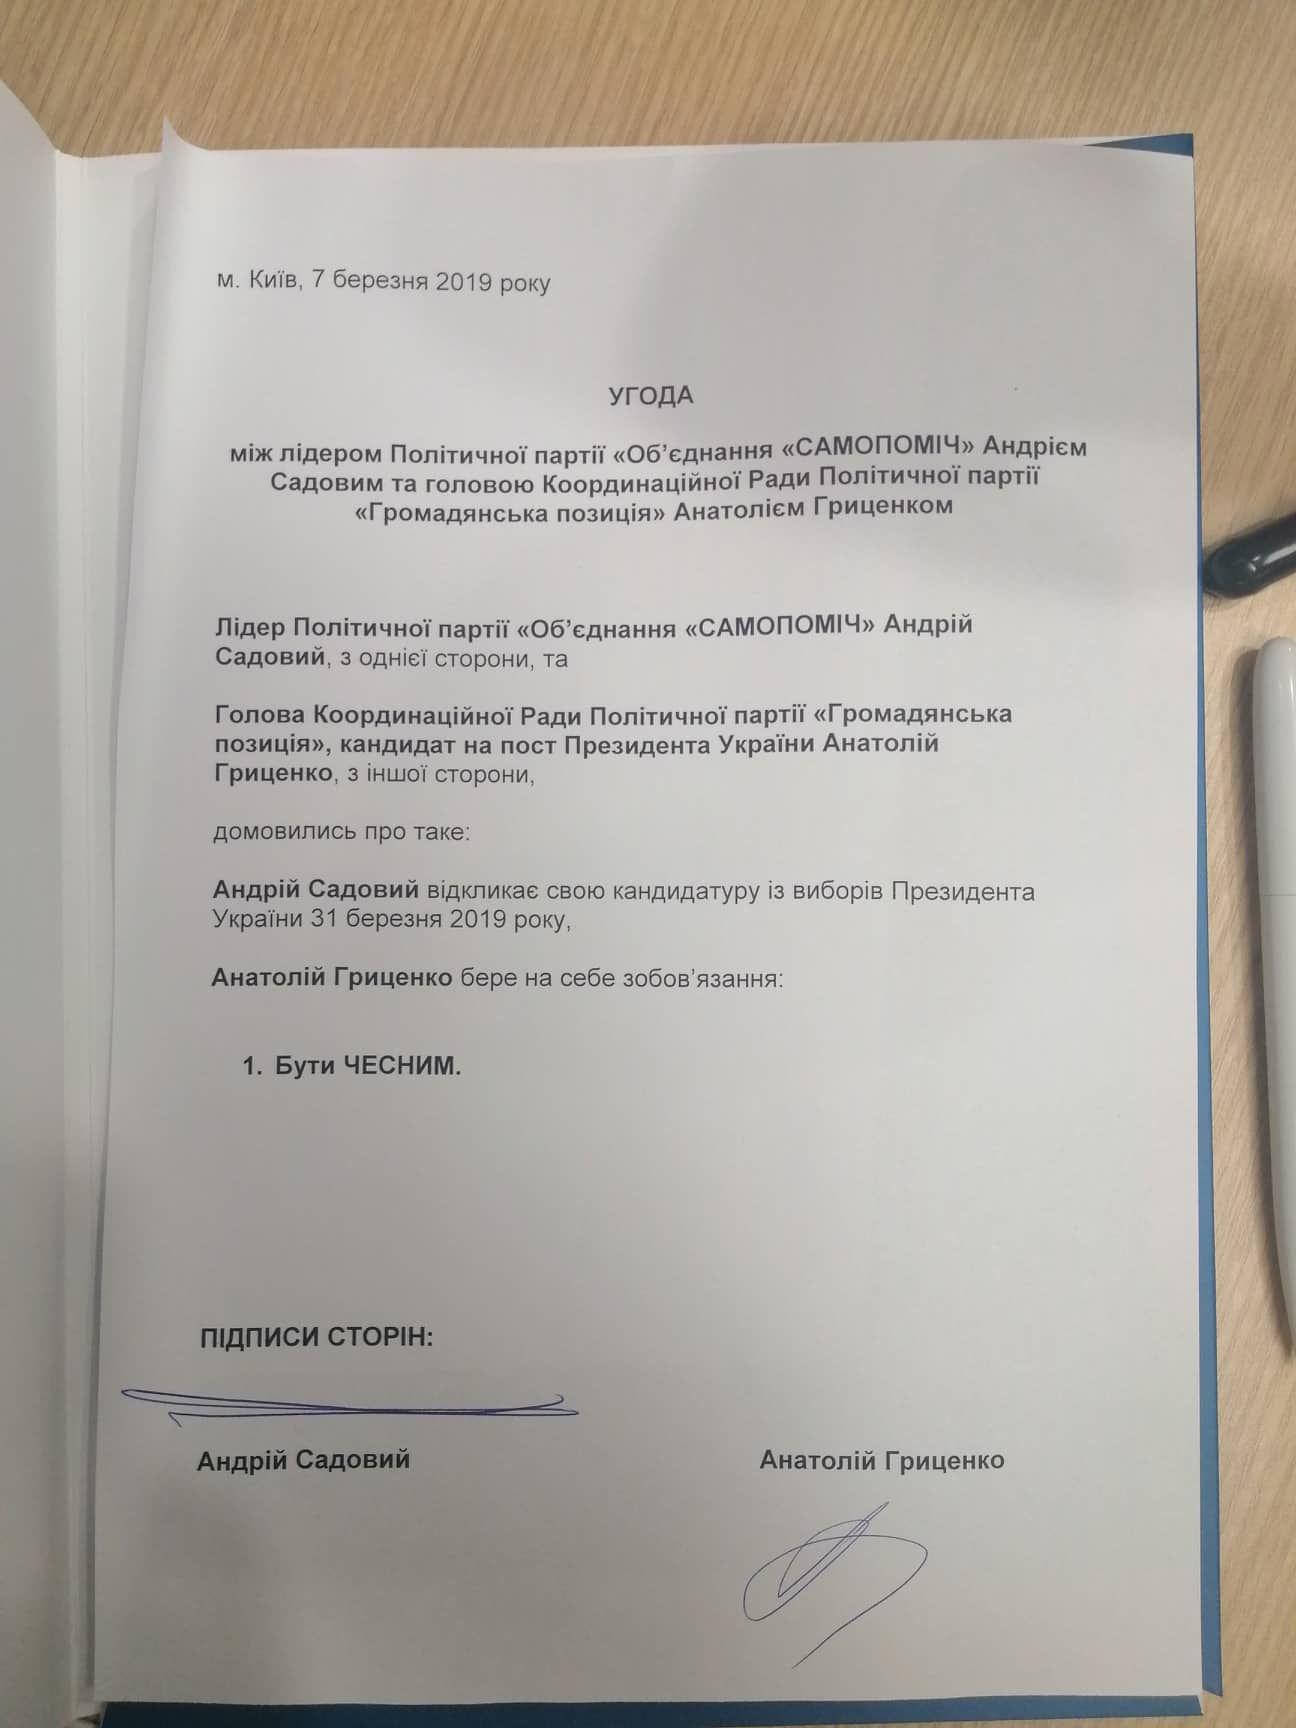 Угода про Об'єднання Садового і Гриценка на виборах президента, клікніть для перегляду в повному розмірі